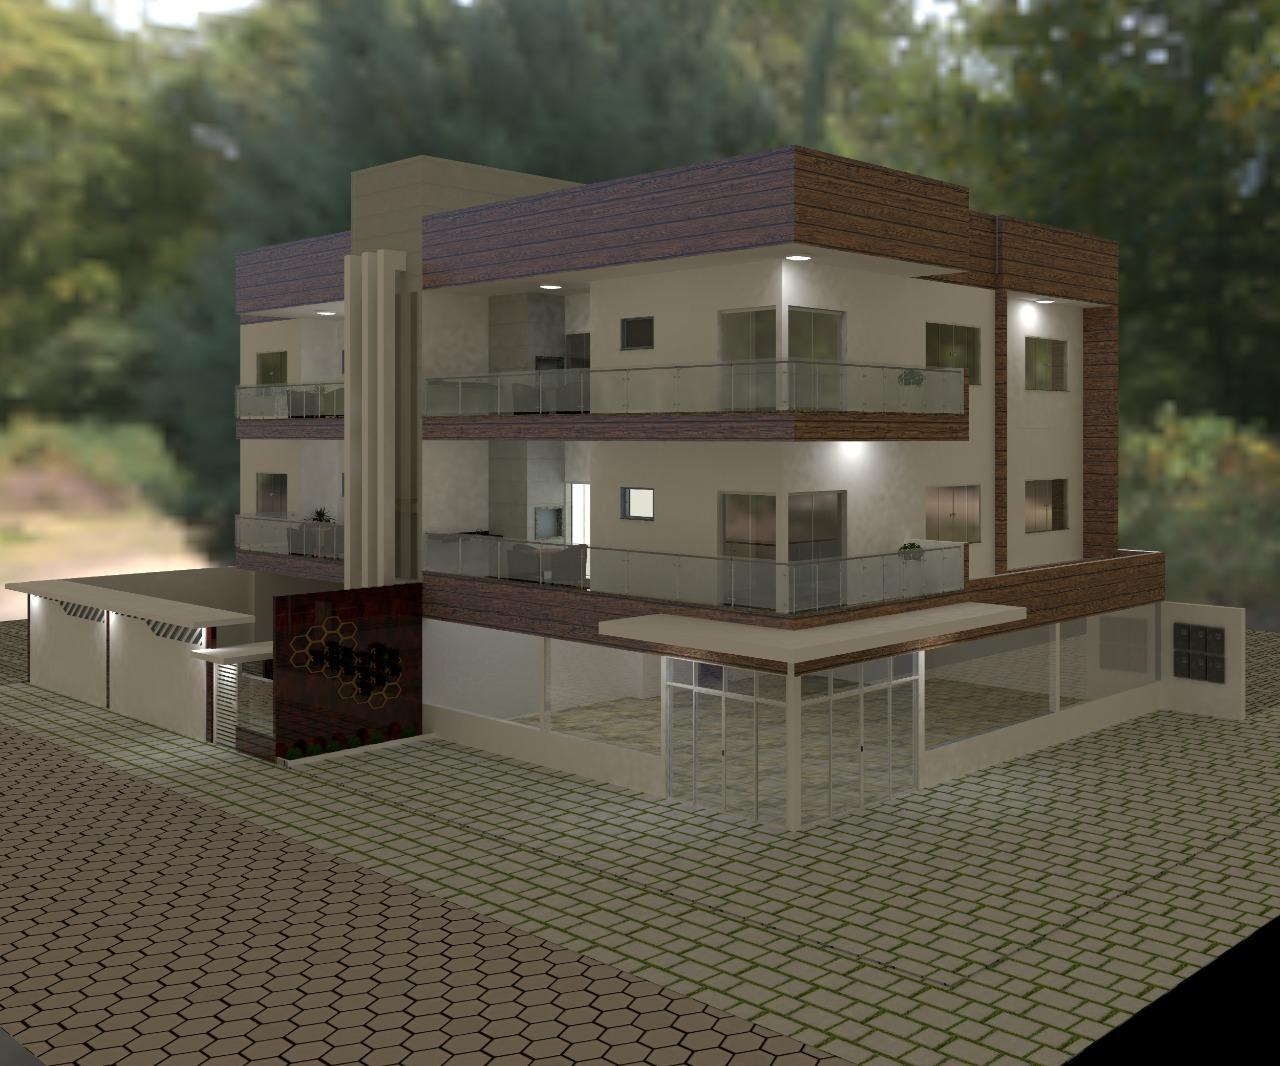 Apartamento com 2 dormitórios à venda, 109 m² por R$ 298.000,00 - Jardim Perola do Atlântico - Itapoá/SC